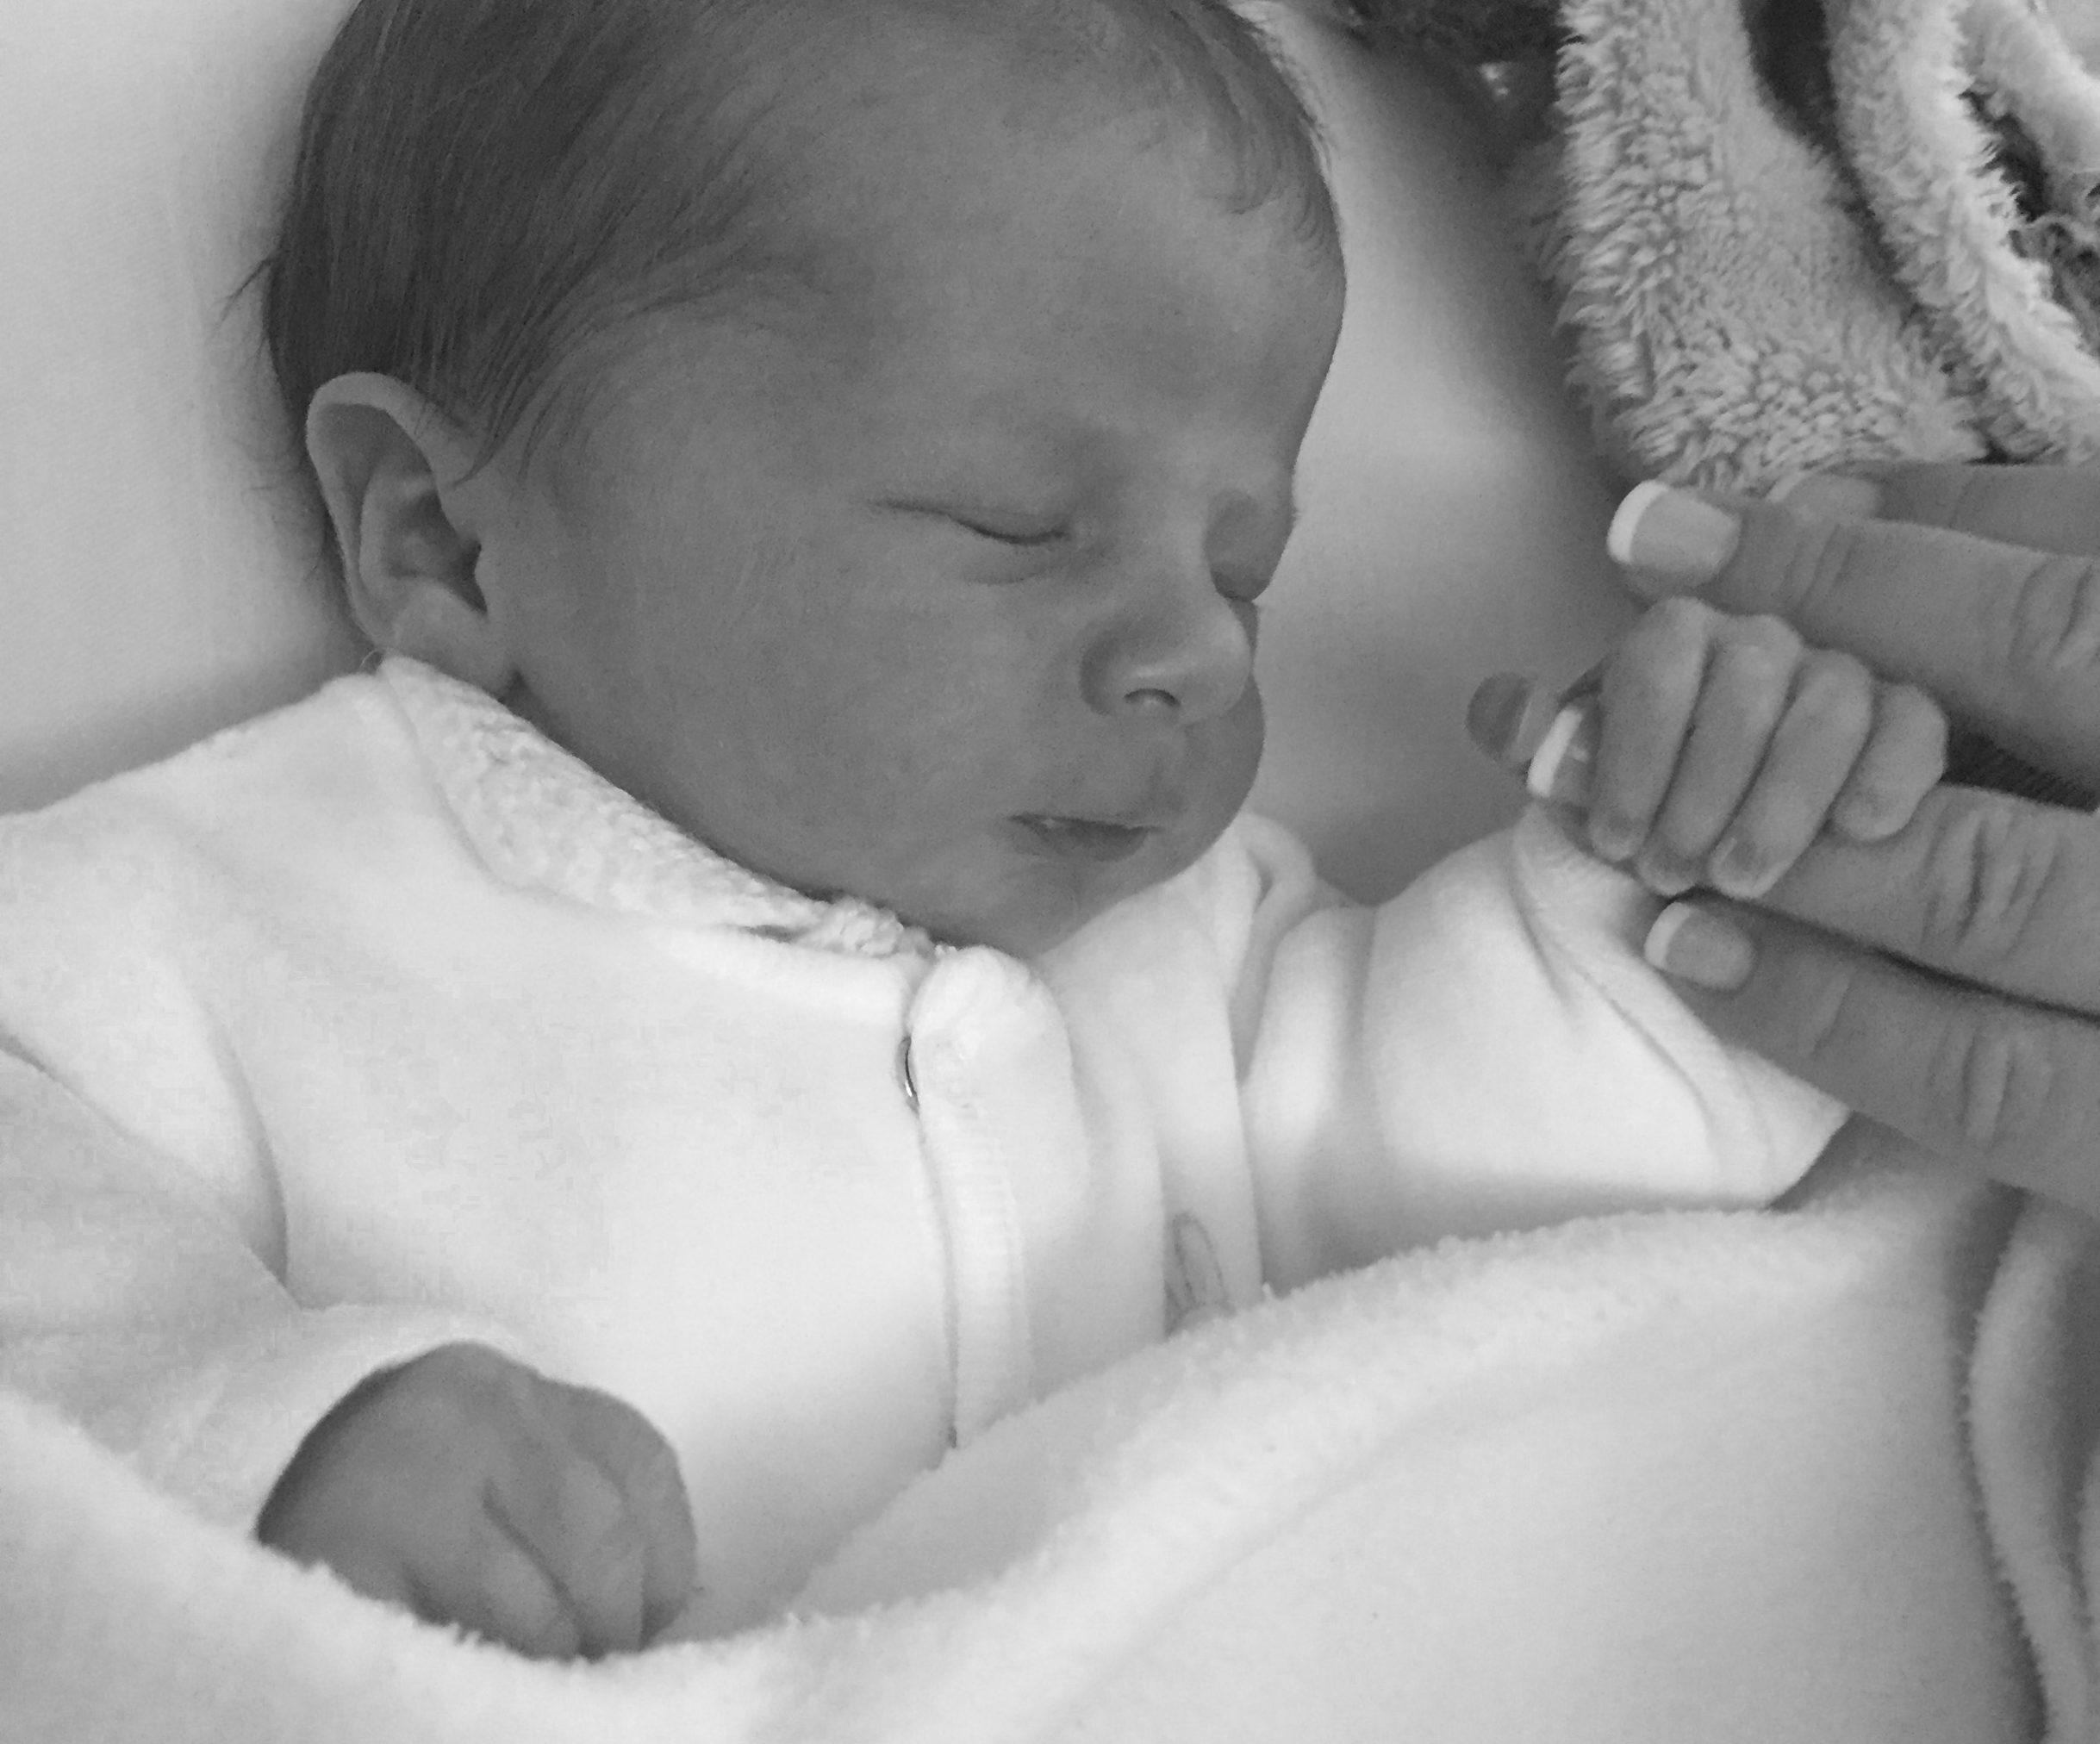 Infertilité : Cet enfant qui vous manque avant d'arriver